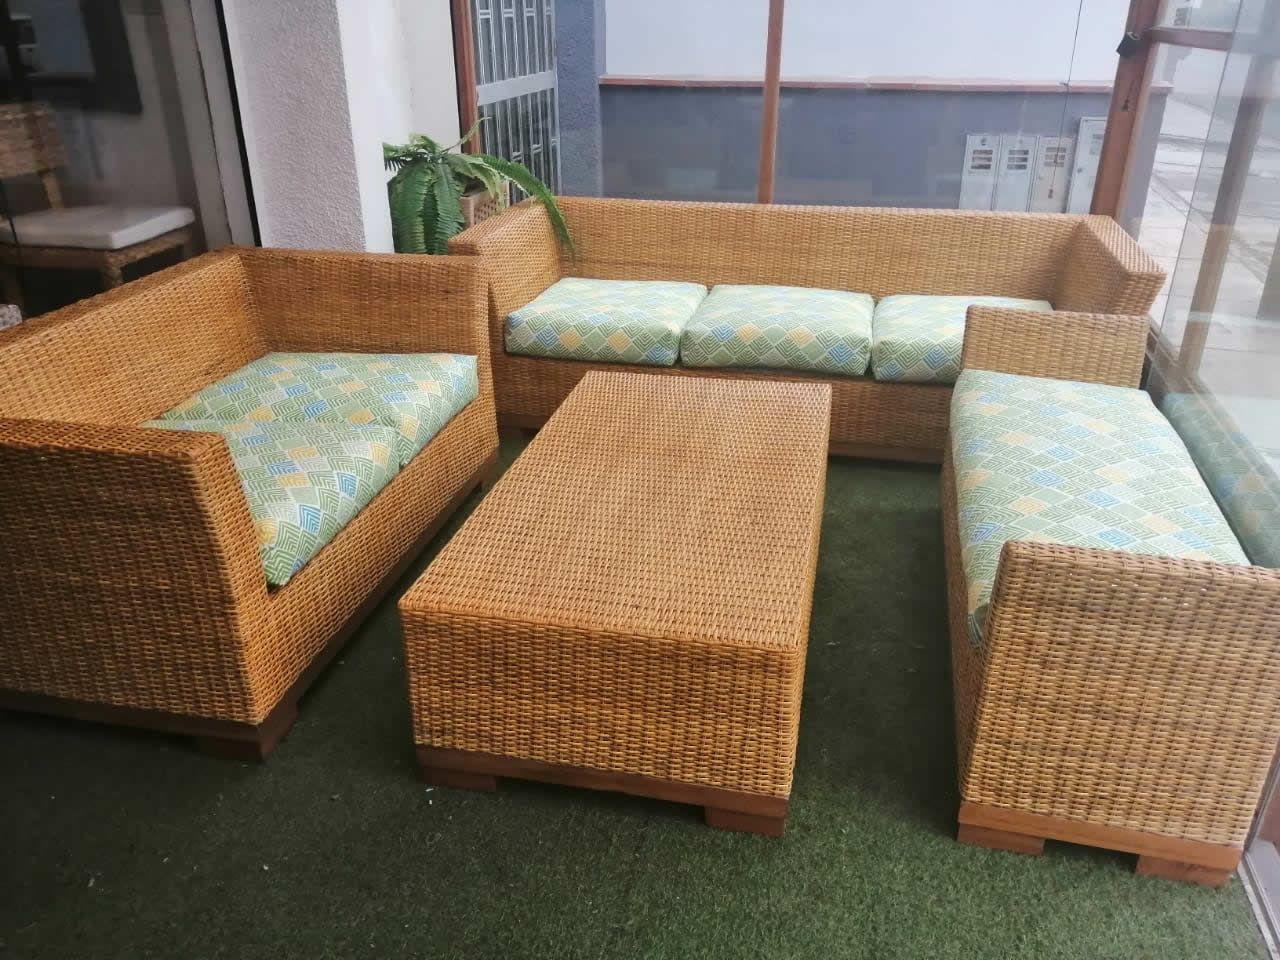 Muebles De Rattan Mimbre Natural Original Terrazas Jardines Casas De Playa Y Campo Disenos Innovadores Mueble En 2020 Muebles De Mimbre Muebles Muebles Para Terrazas